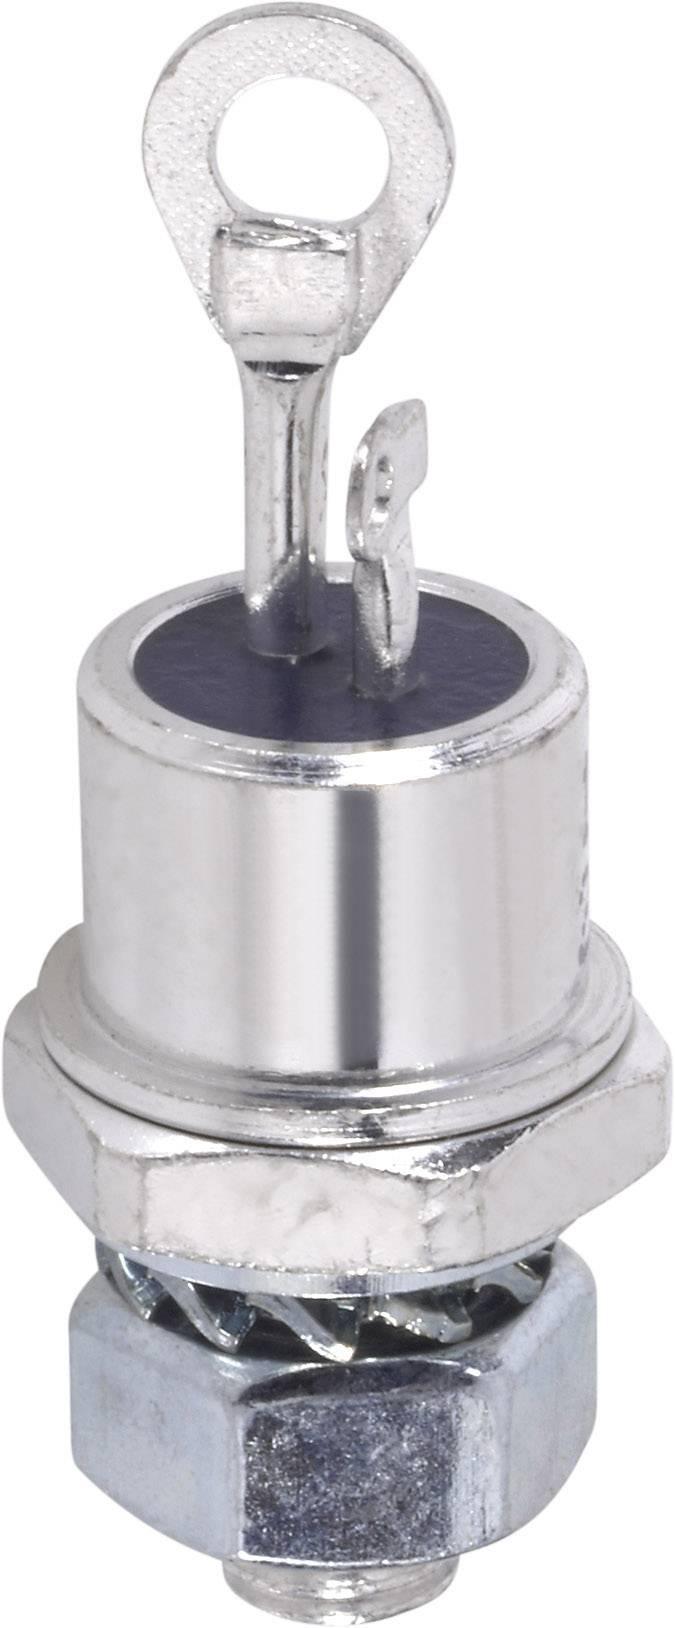 Výkonný tyristor v pouzdru TO 48 (TO 208AA)